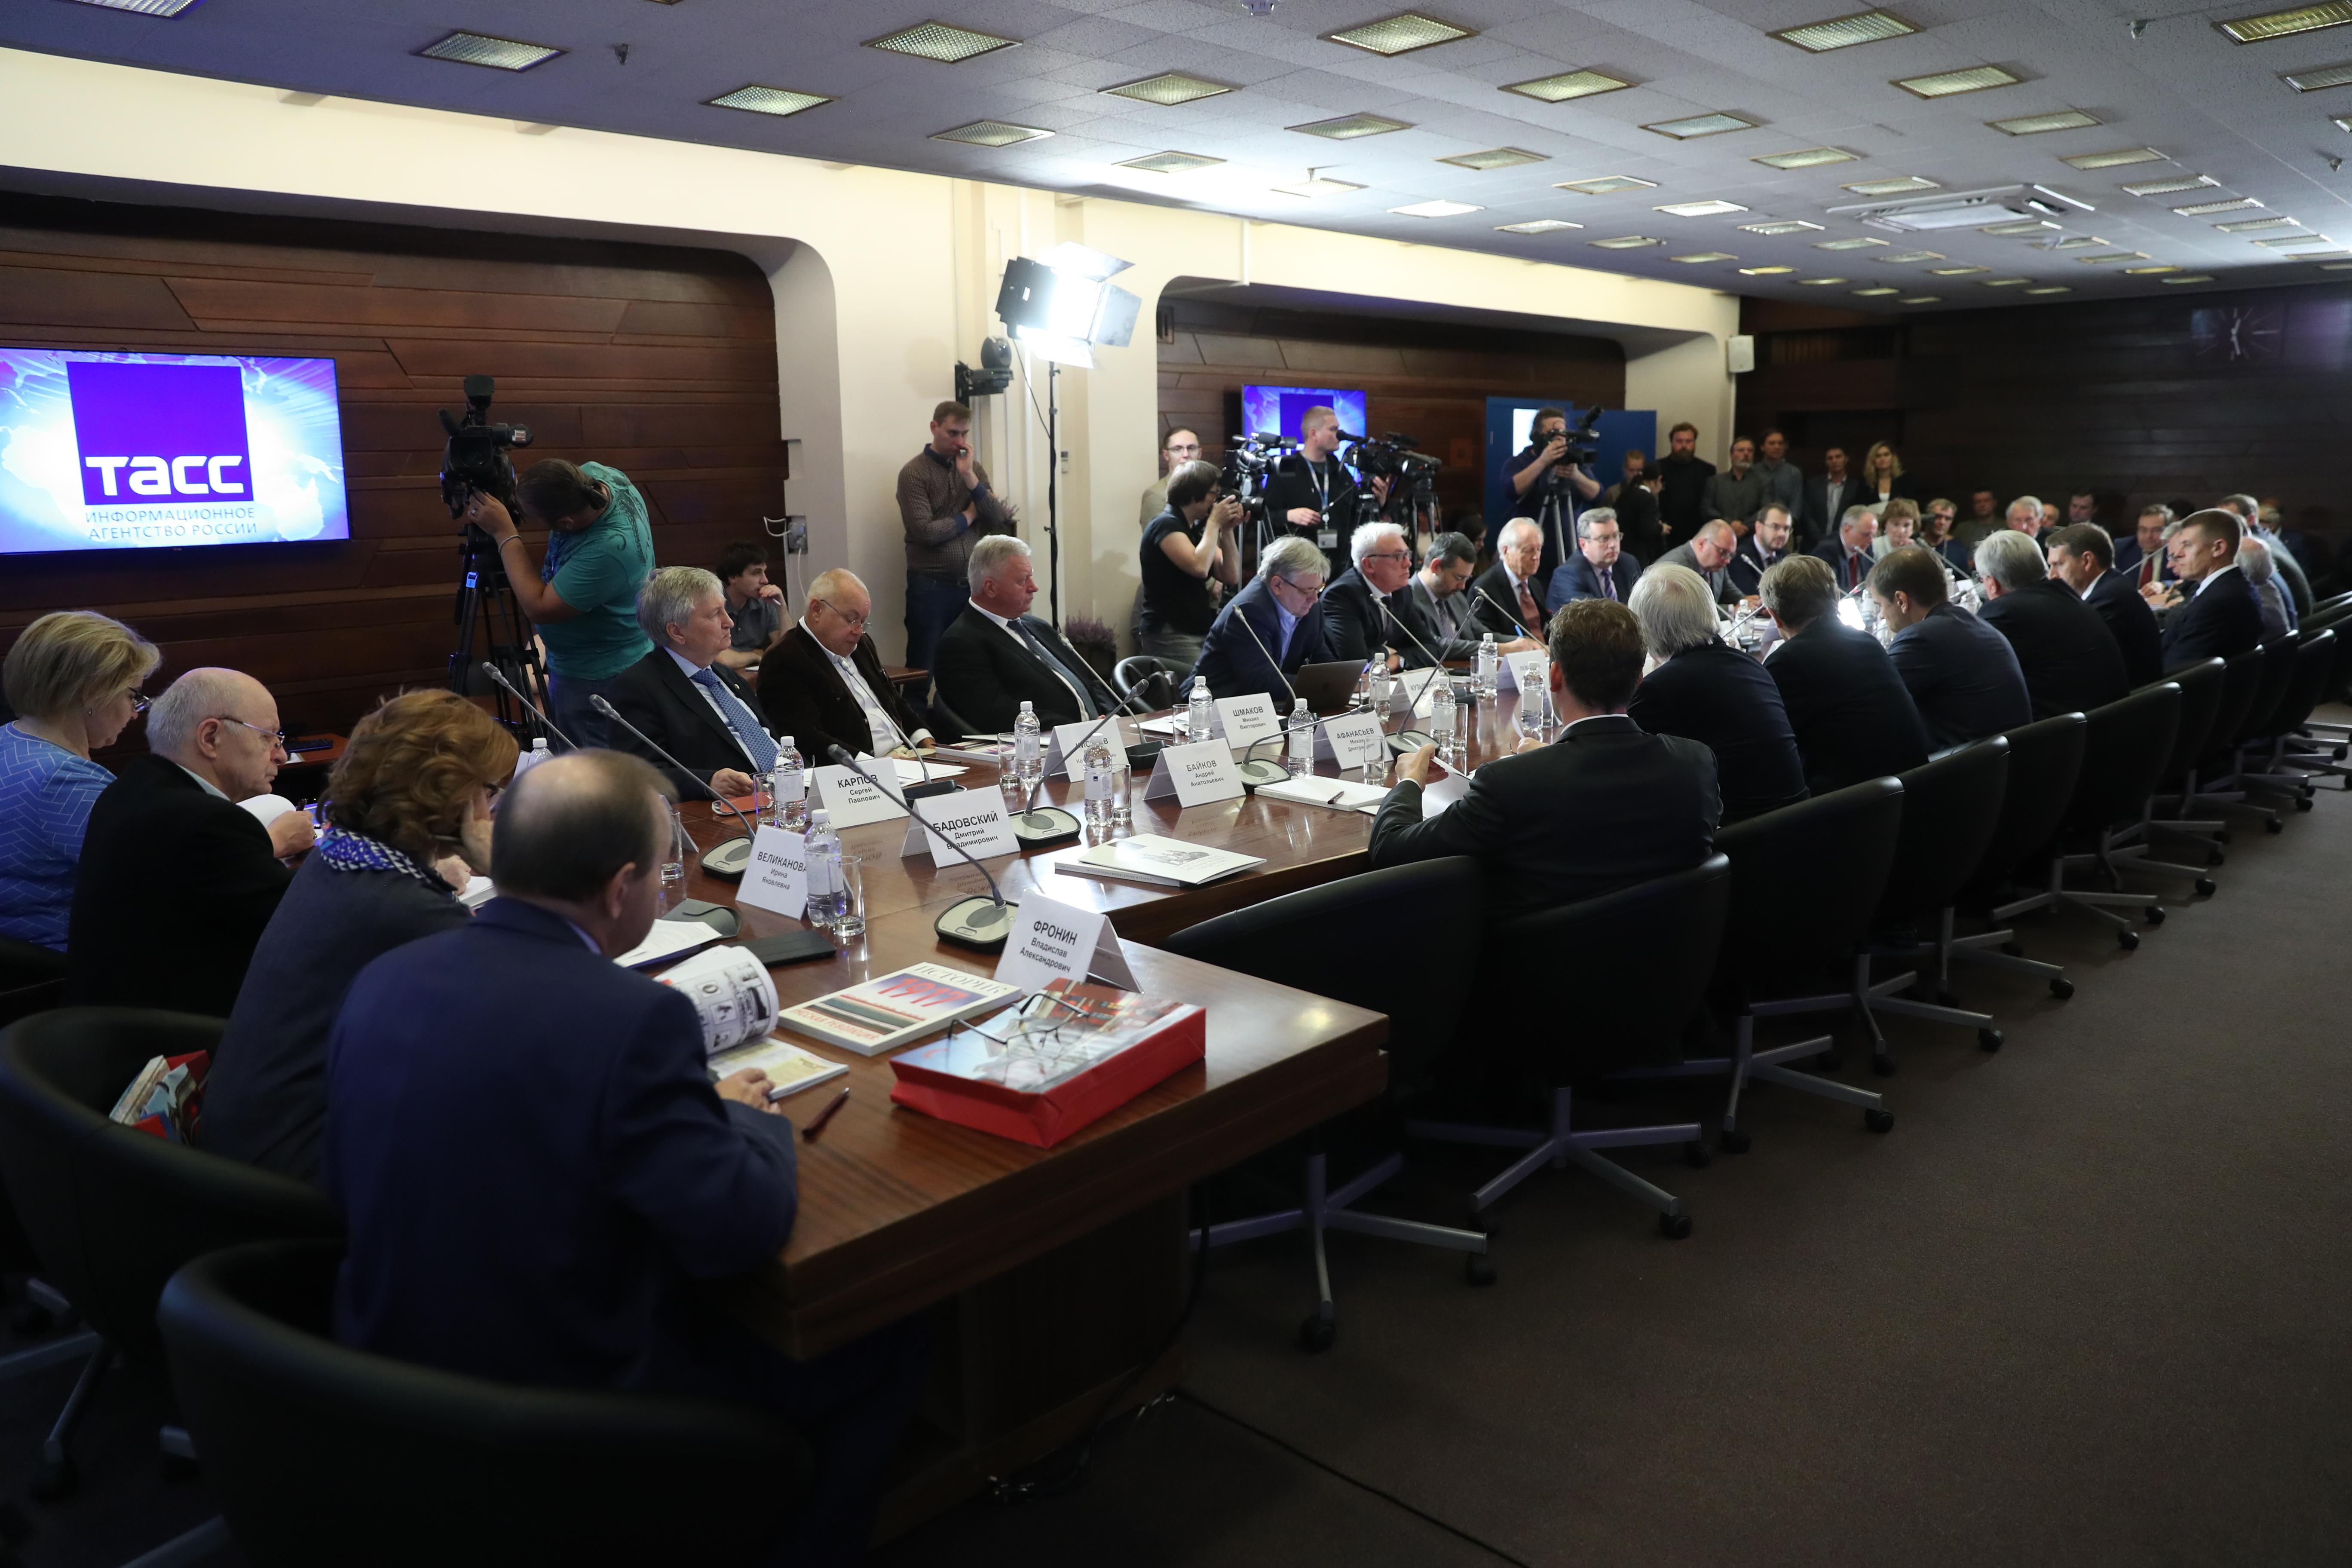 В.Р. Легойда принял участие во втором заседании организационного комитета по подготовке и проведению мероприятий, связанных со 100-летием Революции 1917 года в России